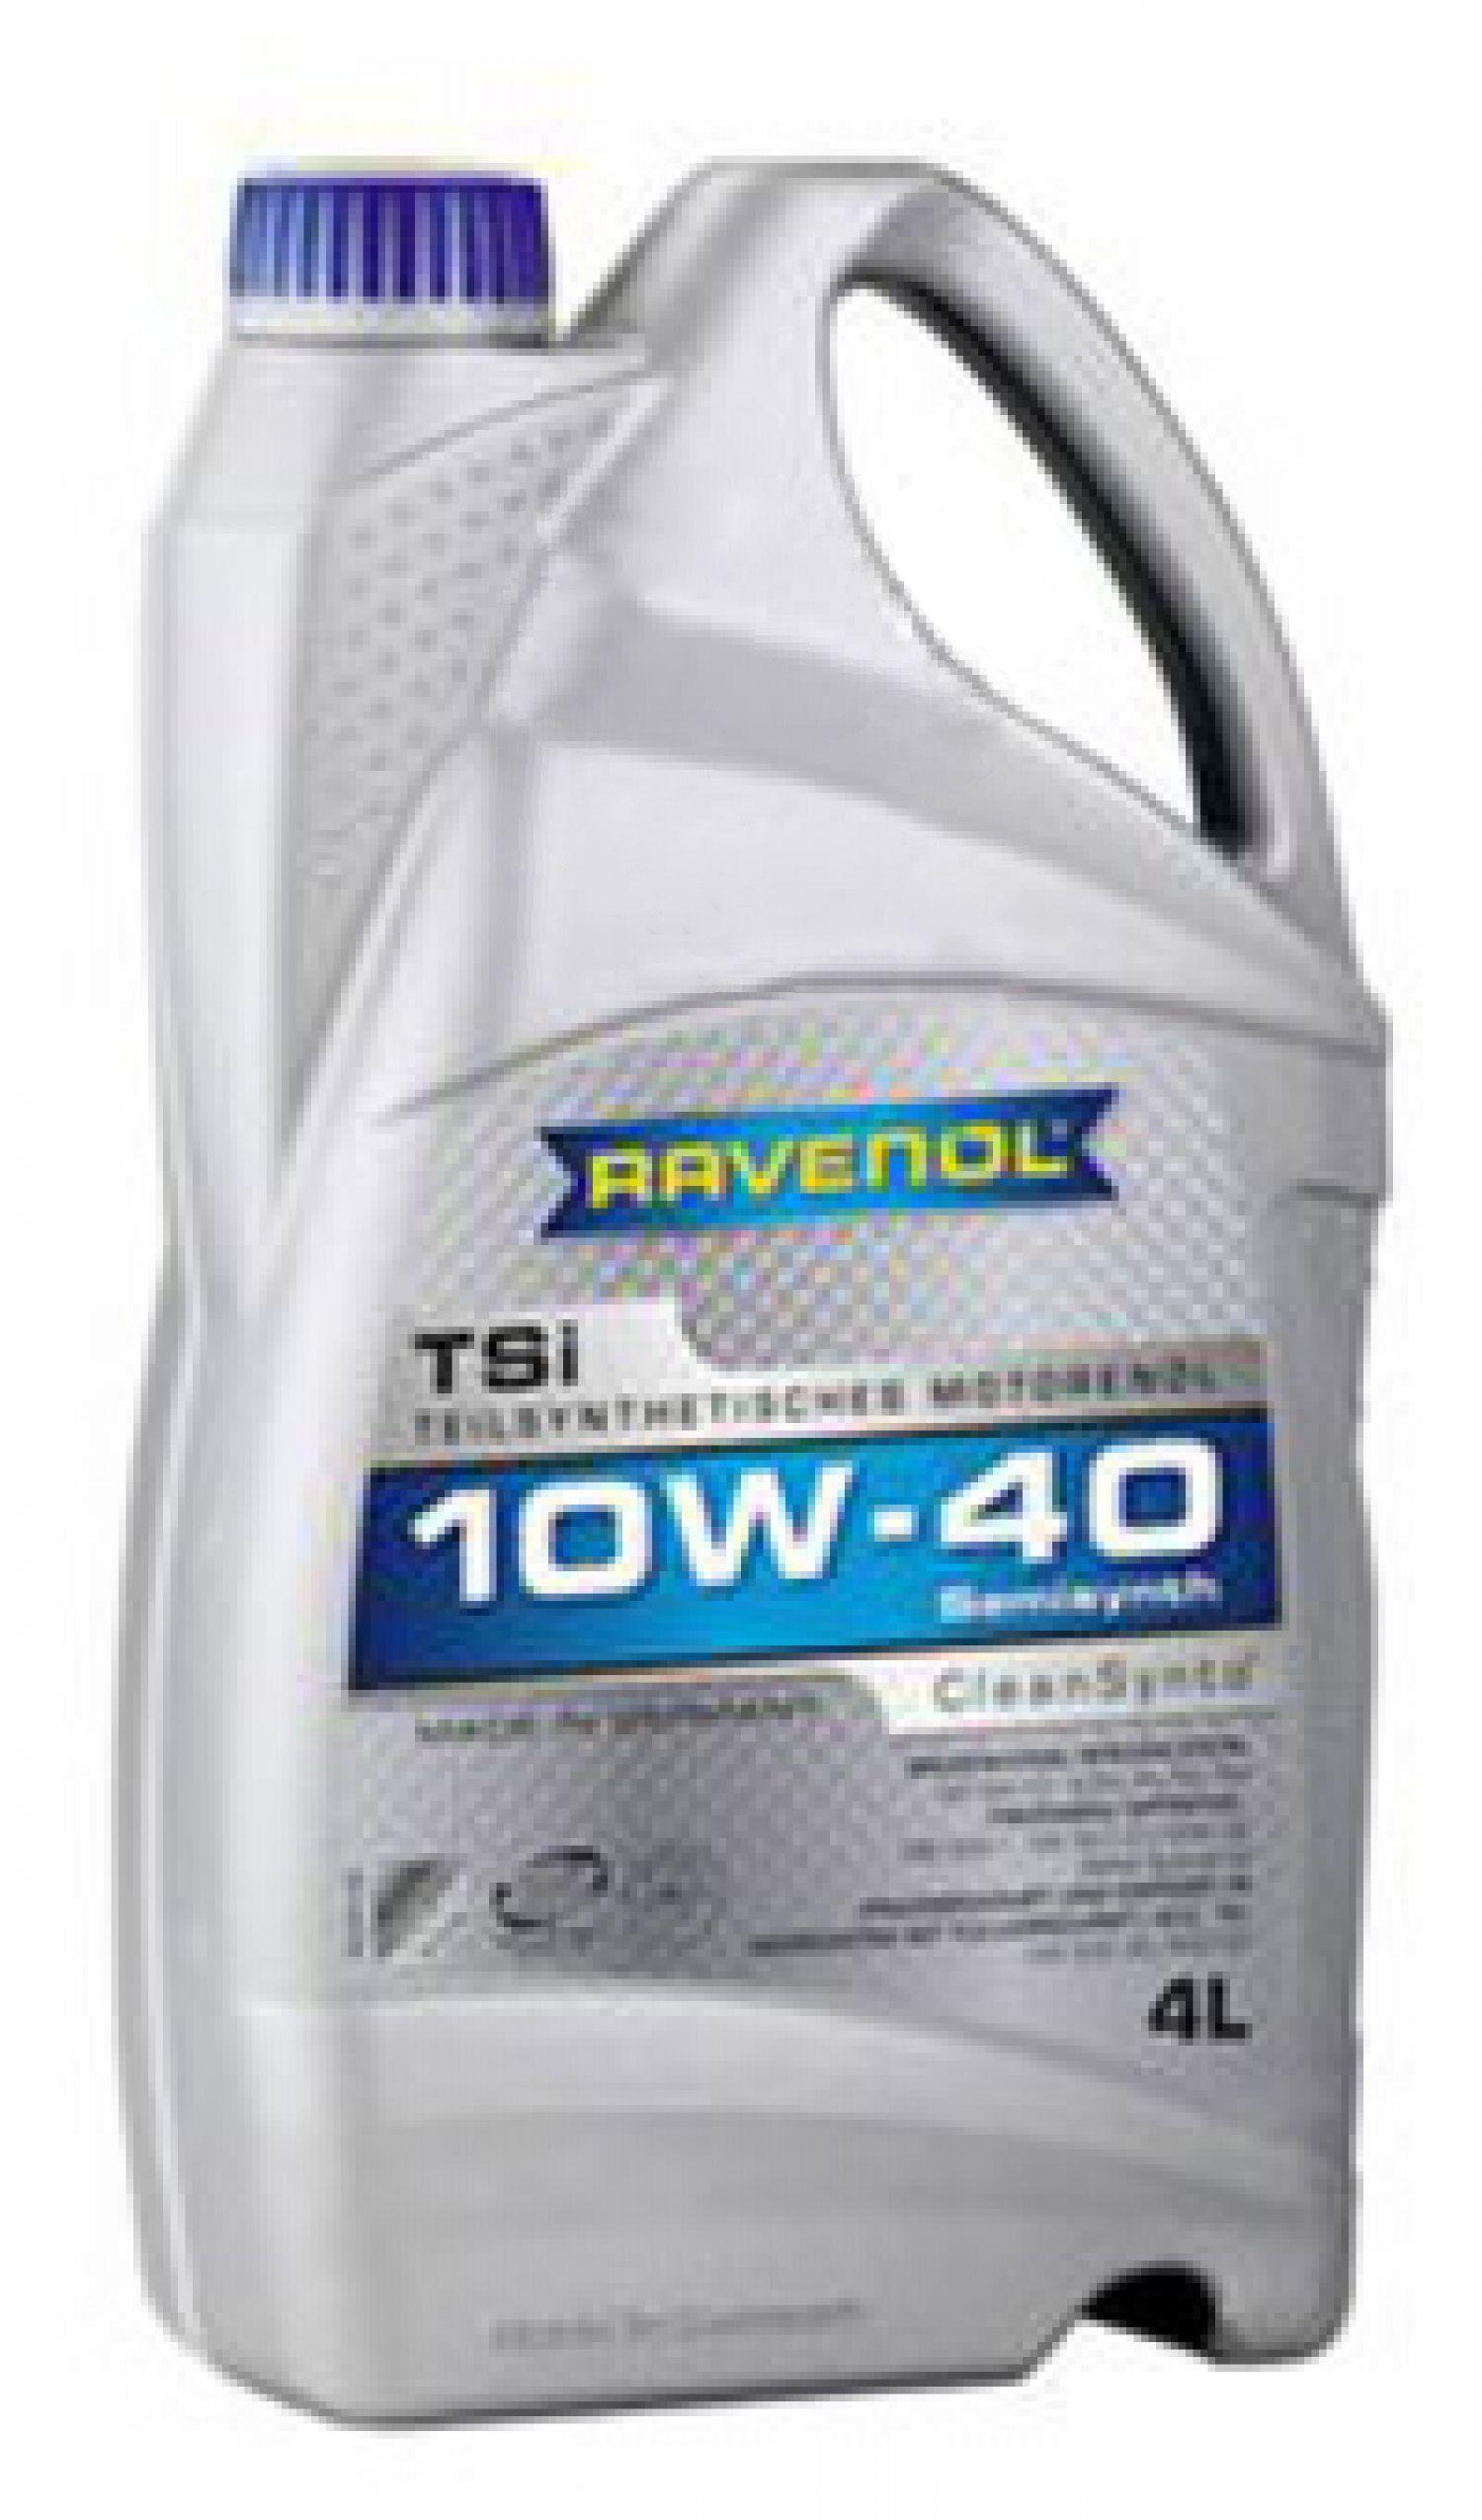 Масло Ravenol TSI 10W-40 (4л)Ravenol<br><br><br>Артикул: 4014835724198<br>Тип масла: Моторное<br>Состав масла: полусинтетическое<br>ACEA: A3/B3/B4<br>Допуски/cпецификации: BMW Spezialoel,MB 229.1,VW 500.00,VW 501.01,VW 502.00,VW 505.00<br>Вязкость по SAE: 10W-40<br>API: CF,SM<br>Бренд: Ravenol<br>Объем (л): 4<br>Параметры для таблицы: Характеристика :: Ед.изм. :: Значение :: Метод<br>Параметры для таблицы: Вязкость при 100°C :: мм?/с :: 14 :: DIN 51562<br>Параметры для таблицы: Вязкость при 40°C :: мм?/с :: 91,3 :: DIN 51562<br>Параметры для таблицы: Индекс вязкости :: - :: 157 :: DIN ISO 2909<br>Параметры для таблицы: Общее щелочное число :: мг КОН/г :: 7 :: DIN ISO 3771<br>Параметры для таблицы: Плотность при 20°C :: кг/м? :: 868 :: DIN EN ISO 12185<br>Параметры для таблицы: Сульфатная зольность :: % :: 1,5 :: DIN 51575<br>Параметры для таблицы: Температура вспышки :: °C :: 210 :: DIN ISO 2592<br>Параметры для таблицы: Температура потери текучести :: °C :: -35 :: DIN ISO 3016<br>Параметры для таблицы: Цвет :: - :: жёлто-коричневый :: -<br>Применение масла: легковые автомобили и лёгкие грузовики<br>Объем (л): 4